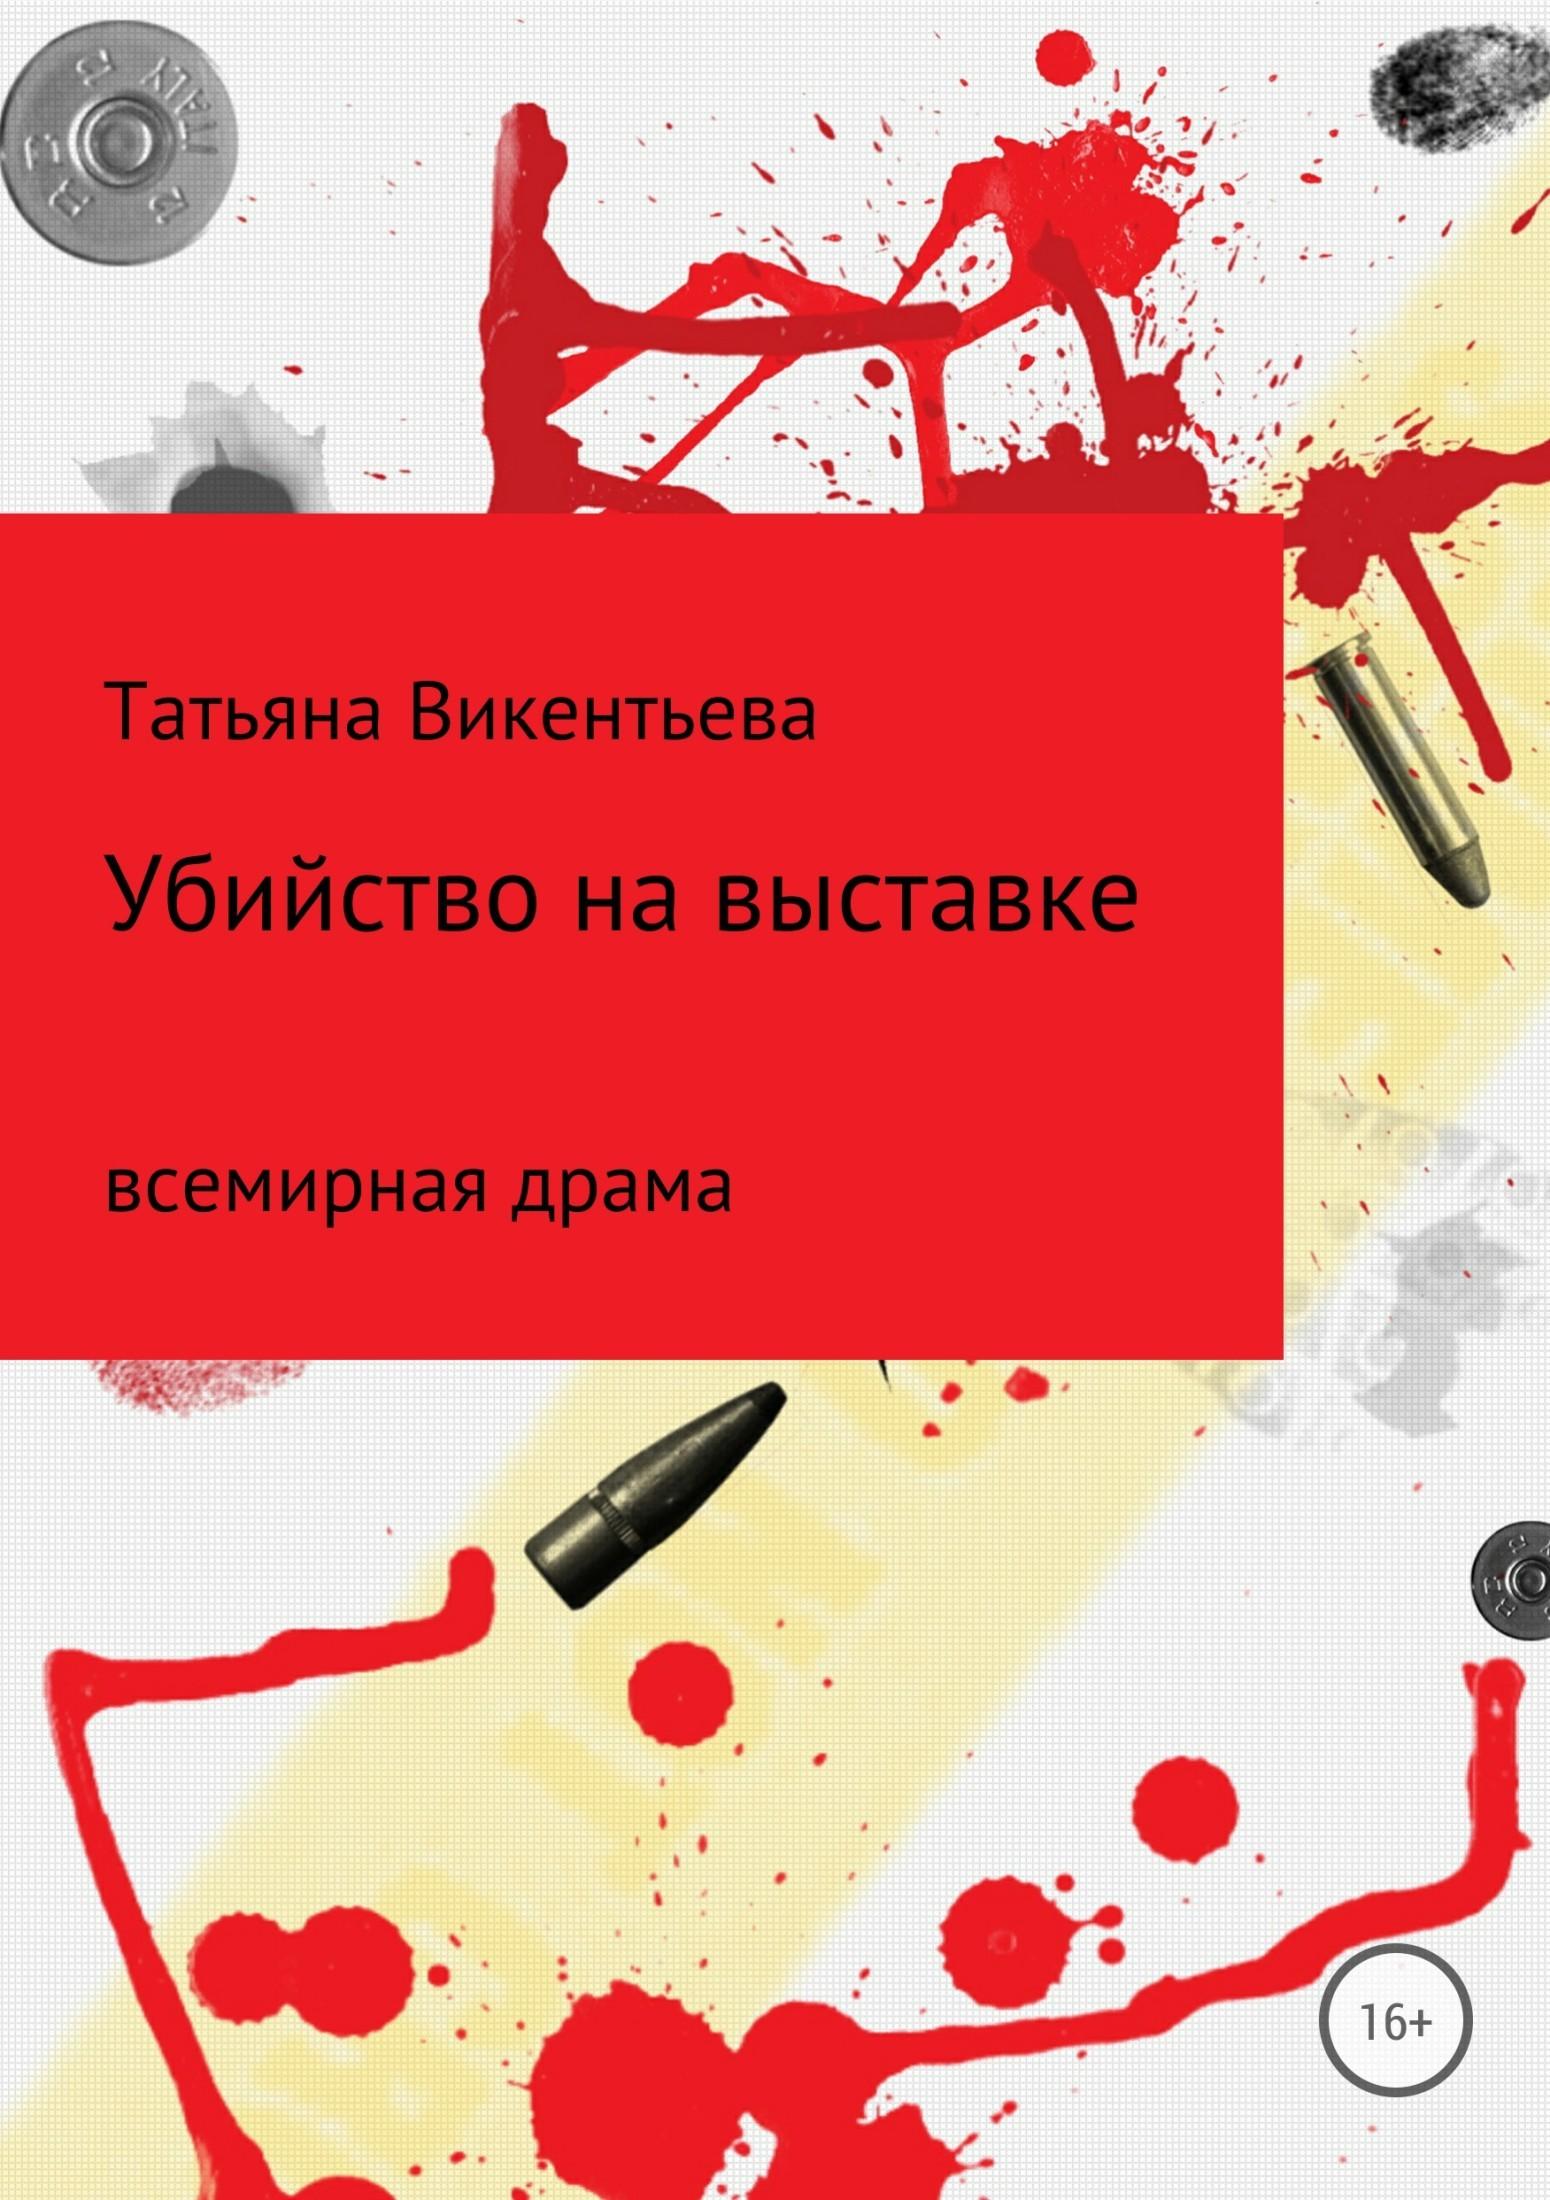 Татьяна Викентьева «Убийство на выставке»